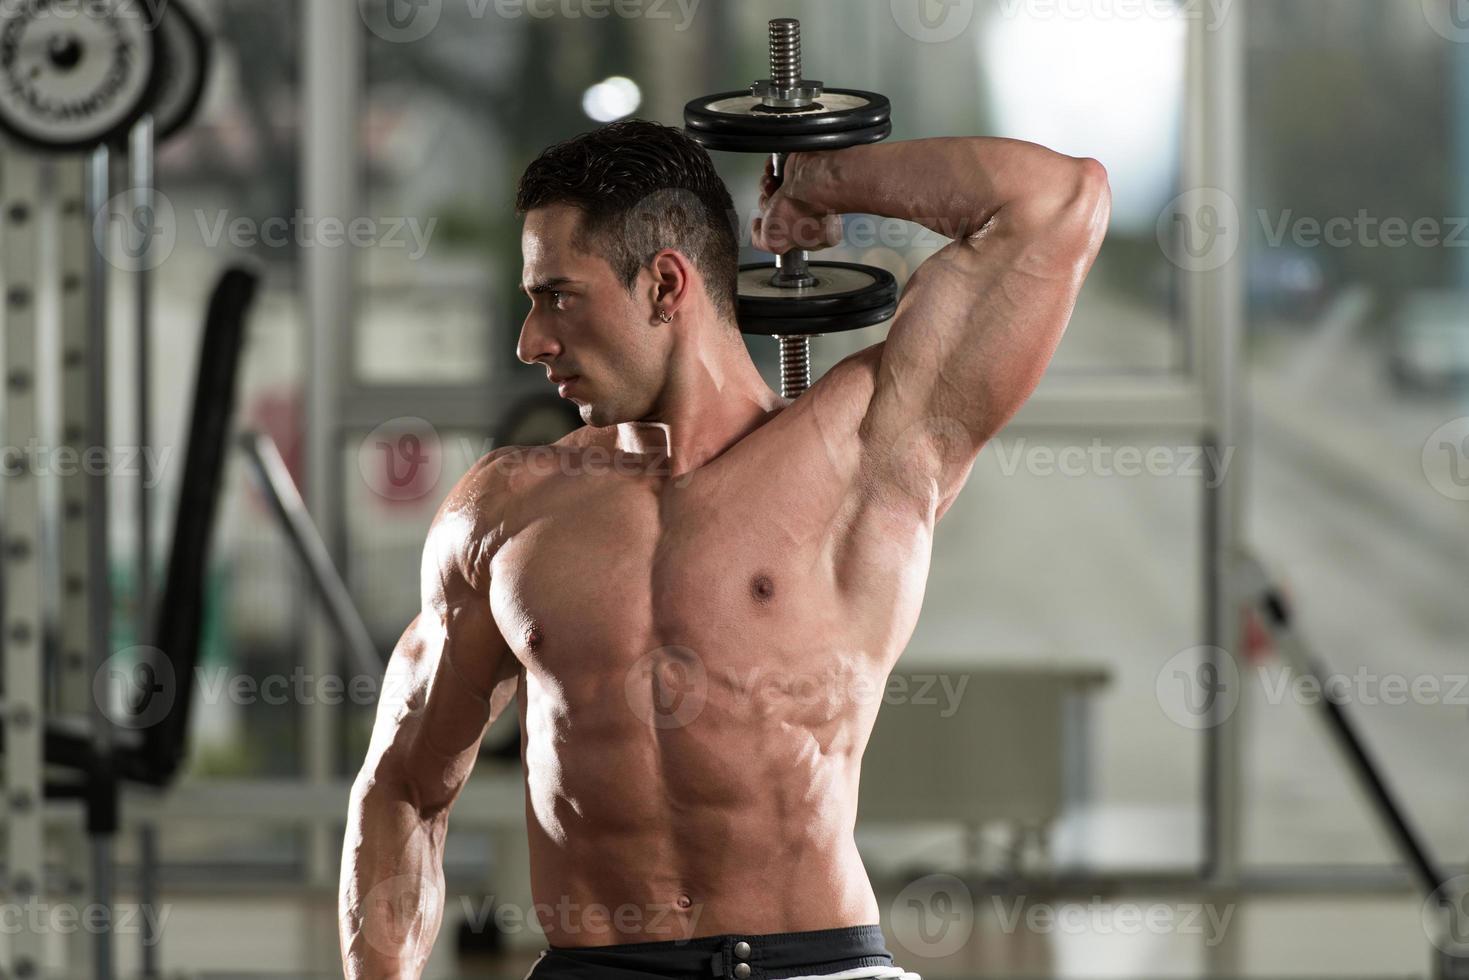 jeune homme, faire de l'exercice pour les triceps photo